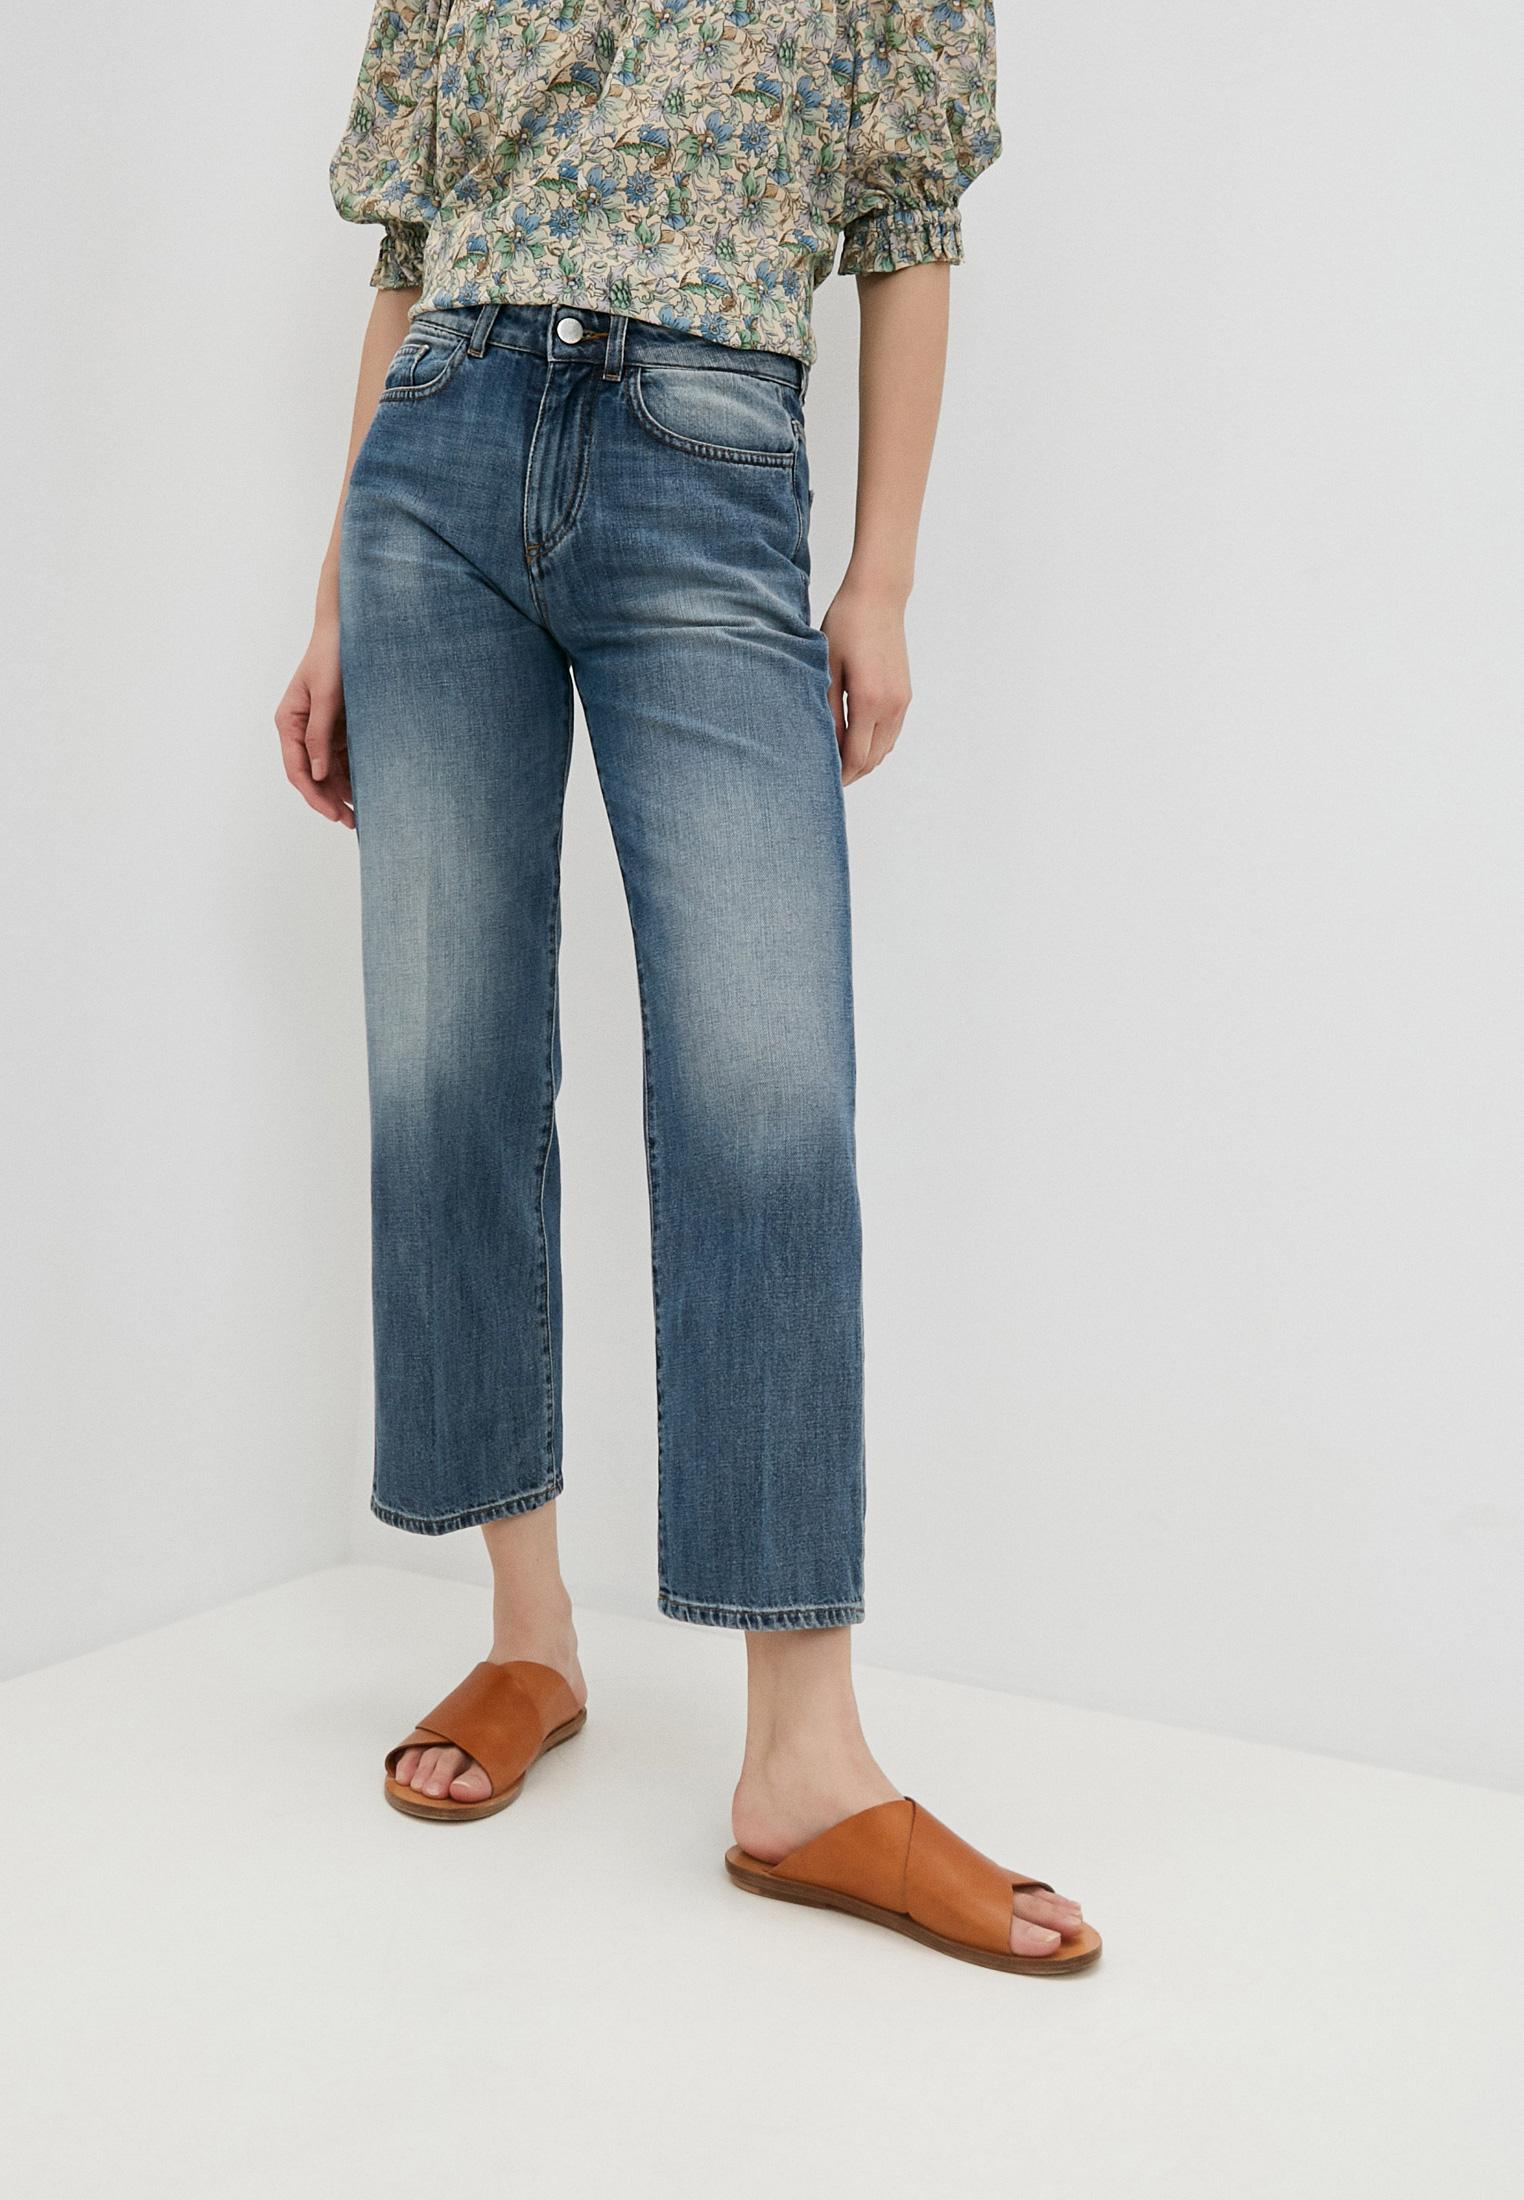 Прямые джинсы Seventy Джинсы Seventy